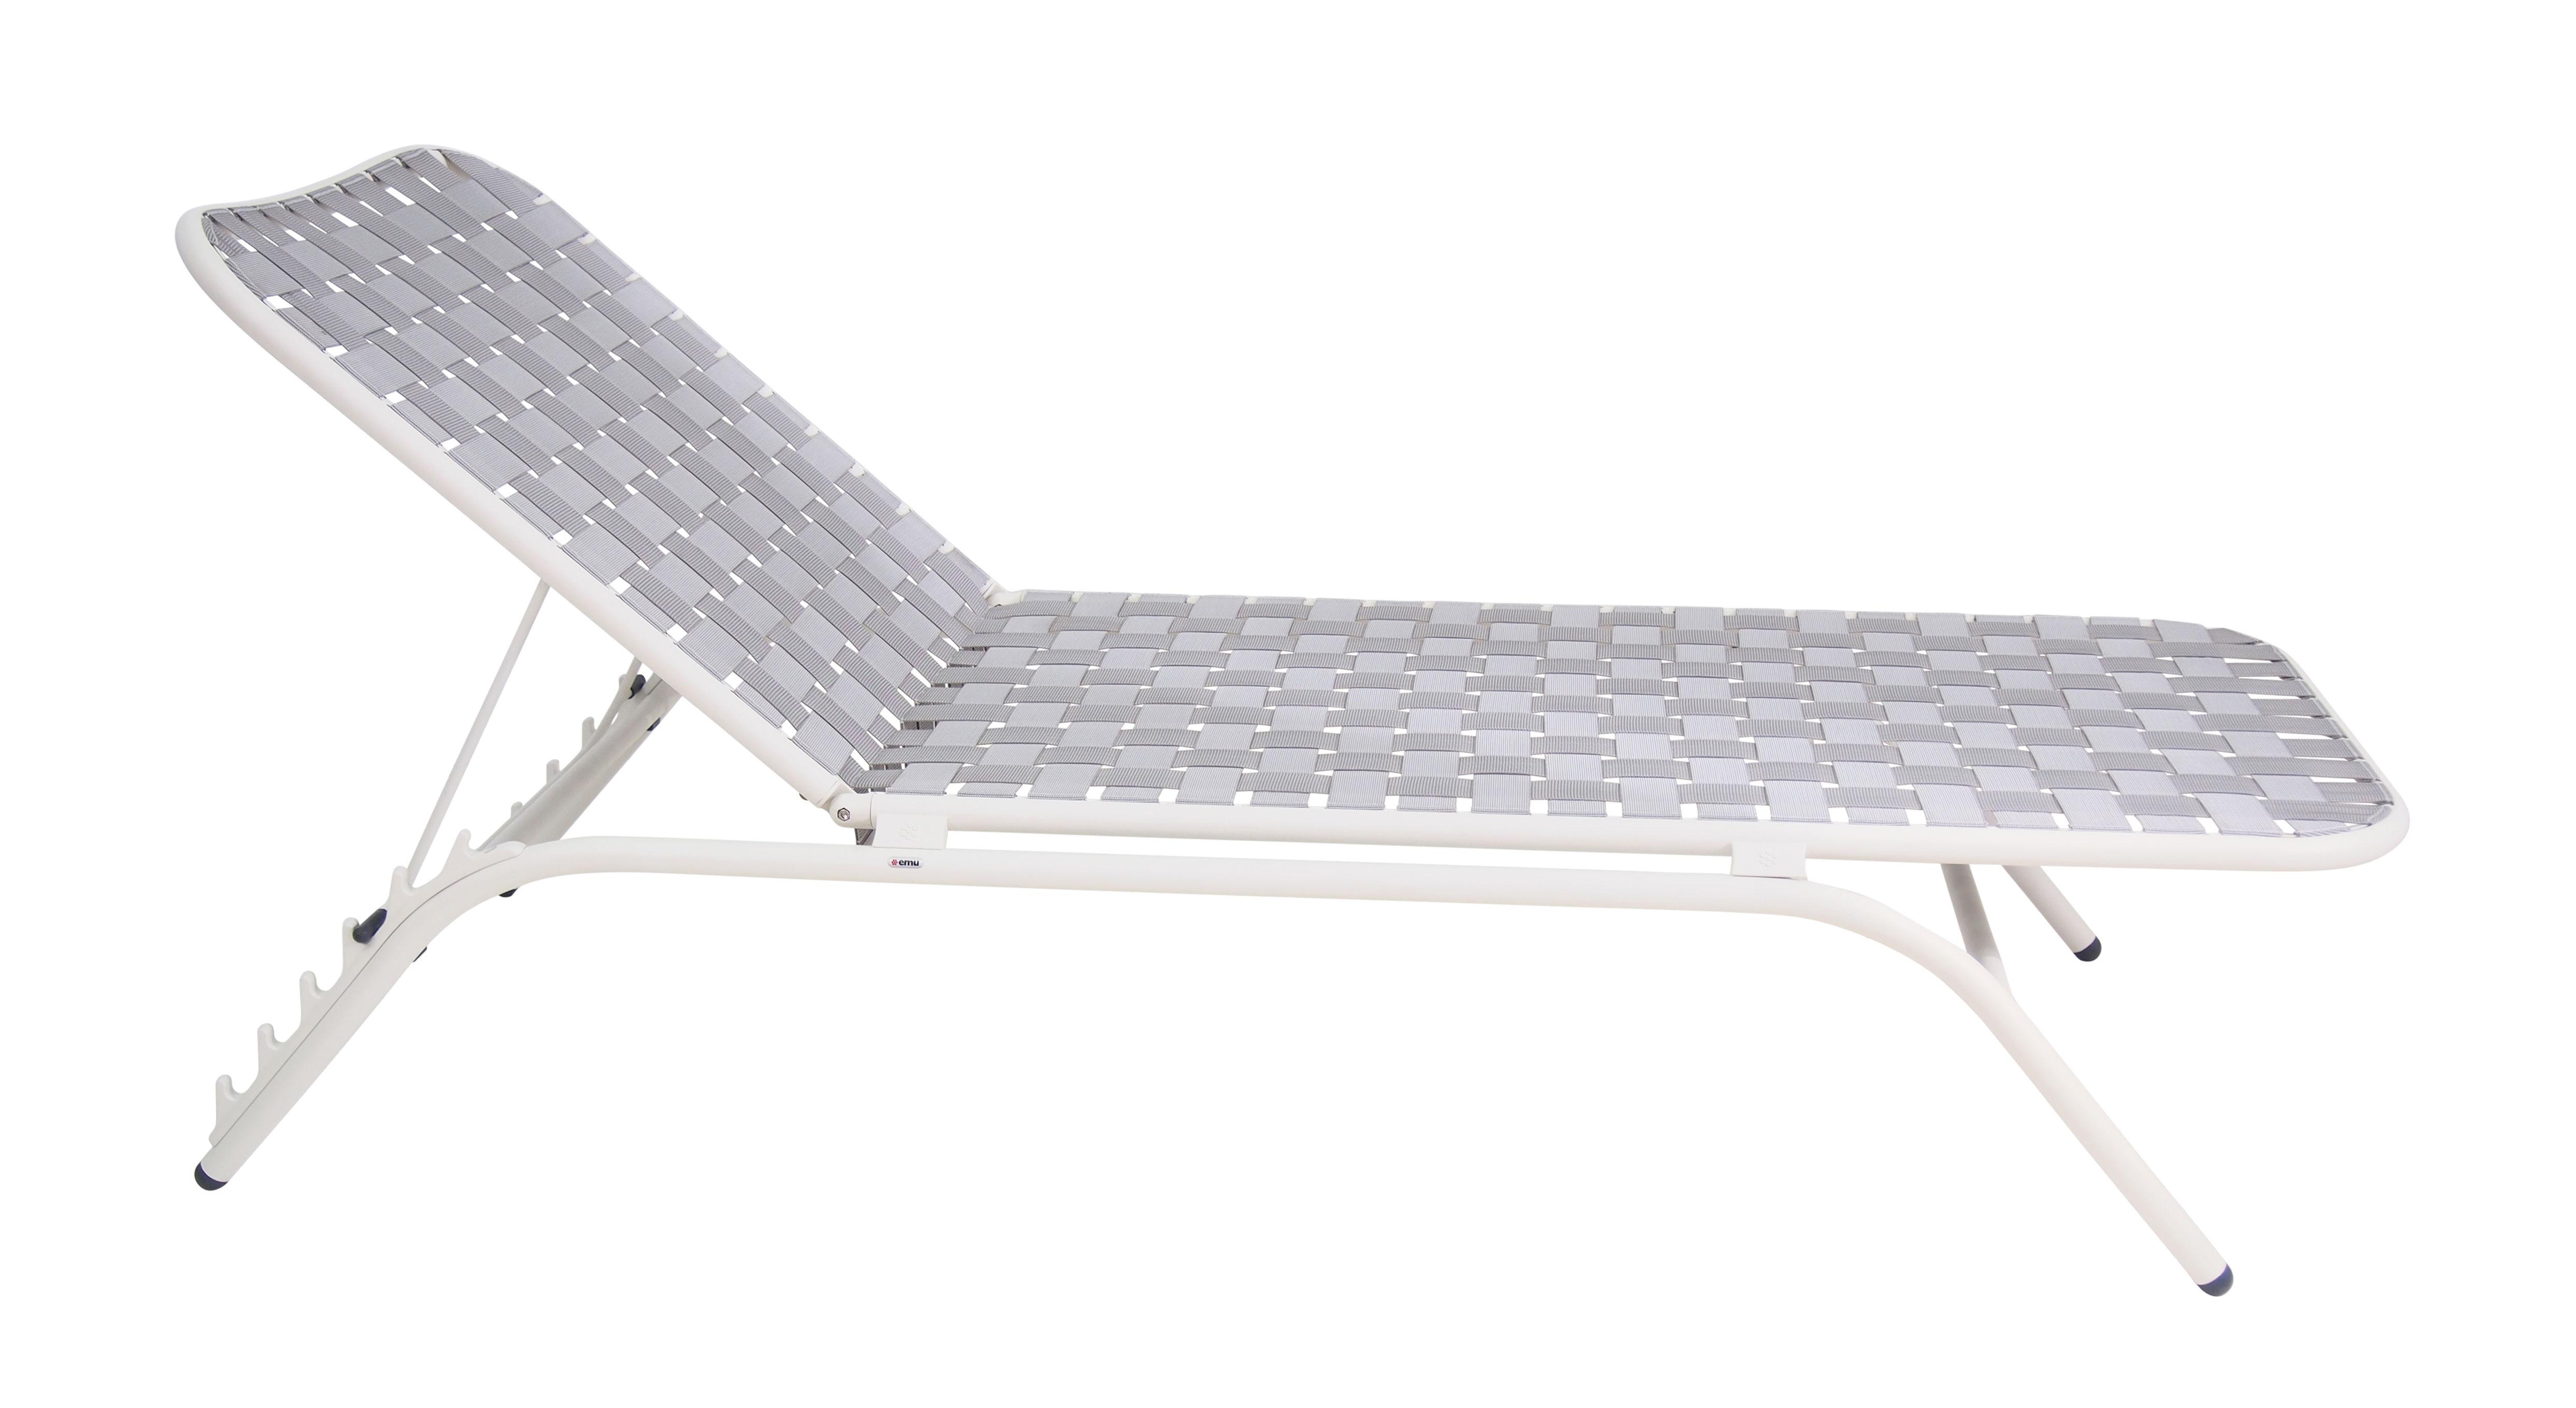 Outdoor - Liegen und Hängematten - Yard Sonnenliege / Sitzfläche aus elastischen Gurten - Emu - Gestell weiß / Sitzfläche grau - klarlackbeschichtetes Aluminium, Spanngurt, elastisch